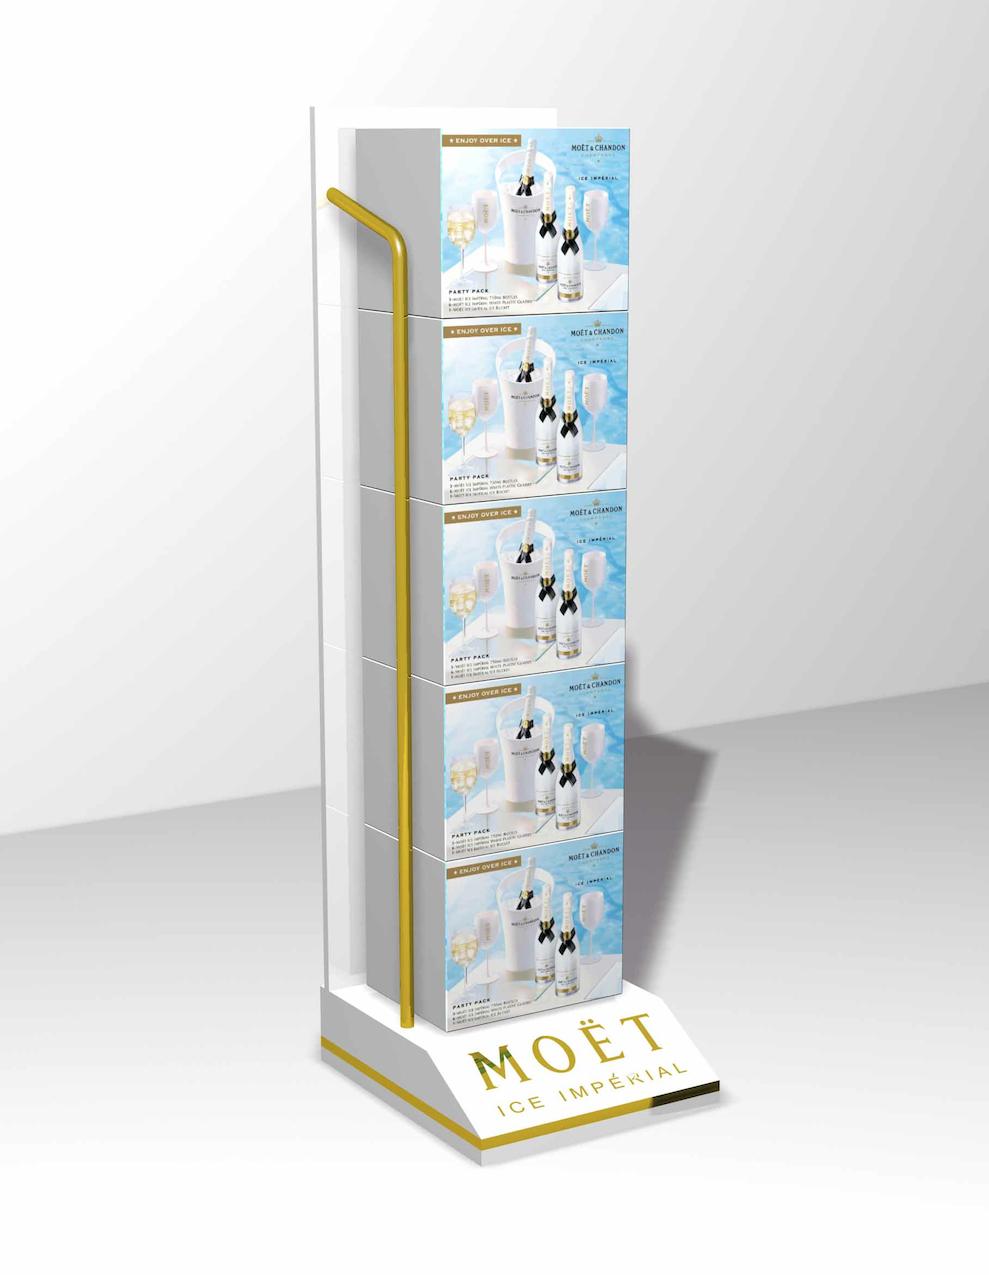 Moet Henessy_Moet Ice Imperial_Floor Standing Display_2012.png